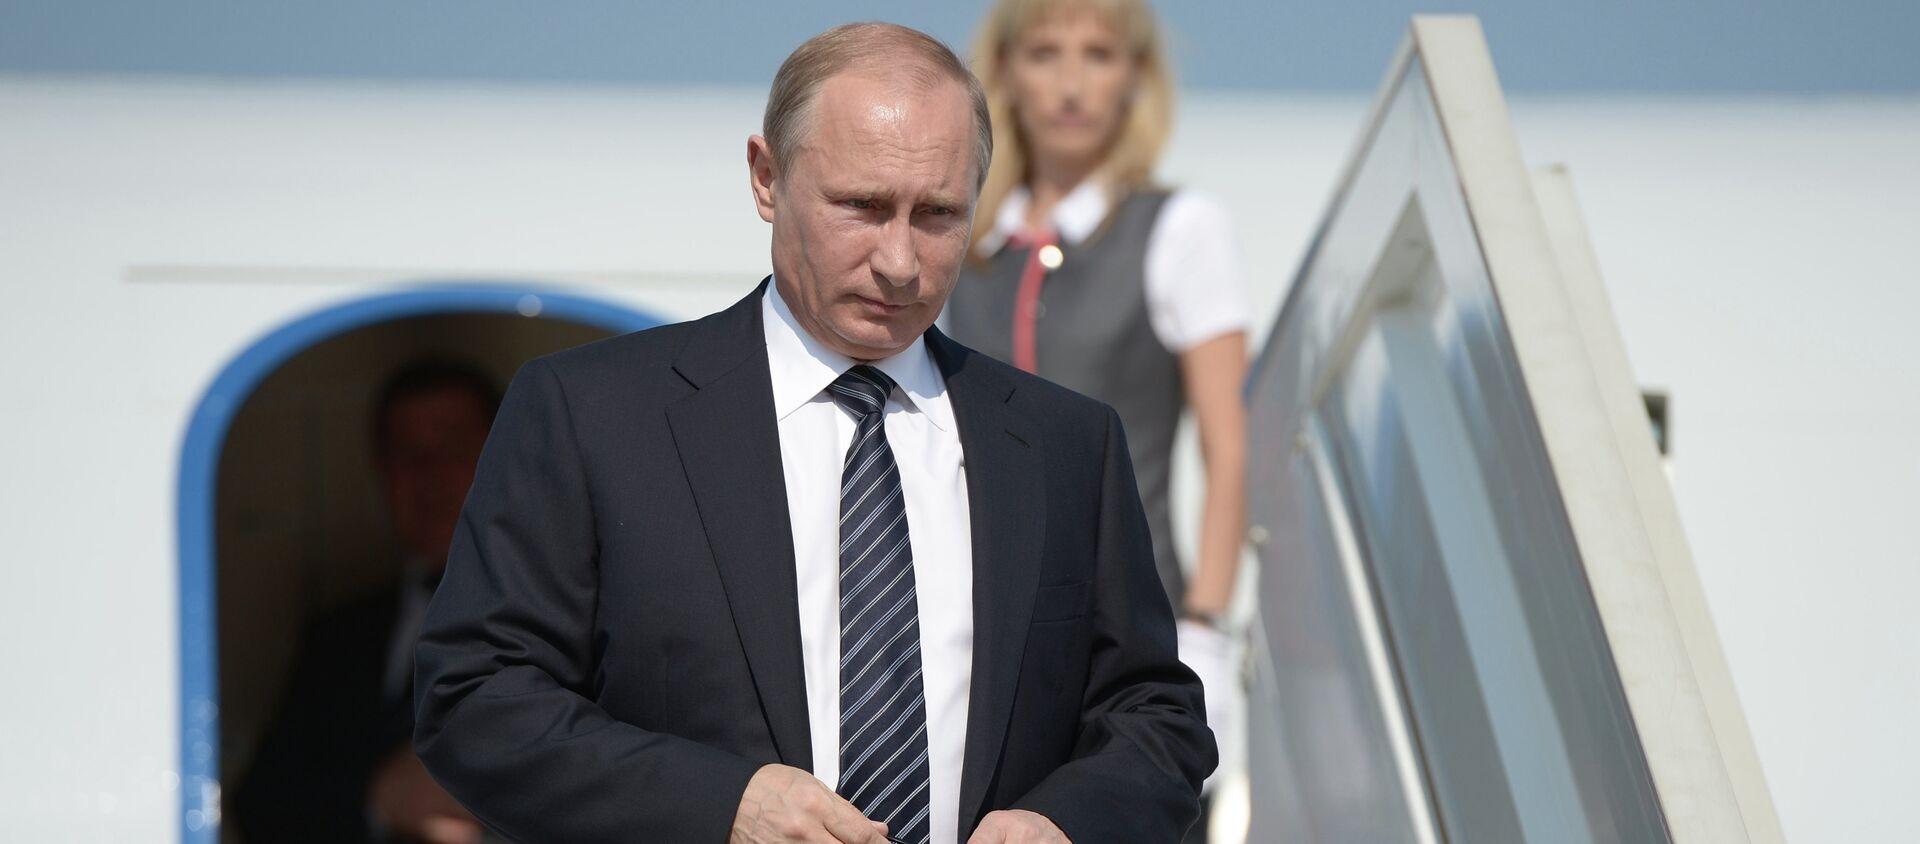 Tổng thống Vladimir Putin đến Crưm. Xuống máy bay tại sân bay Belbek. - Sputnik Việt Nam, 1920, 02.12.2019